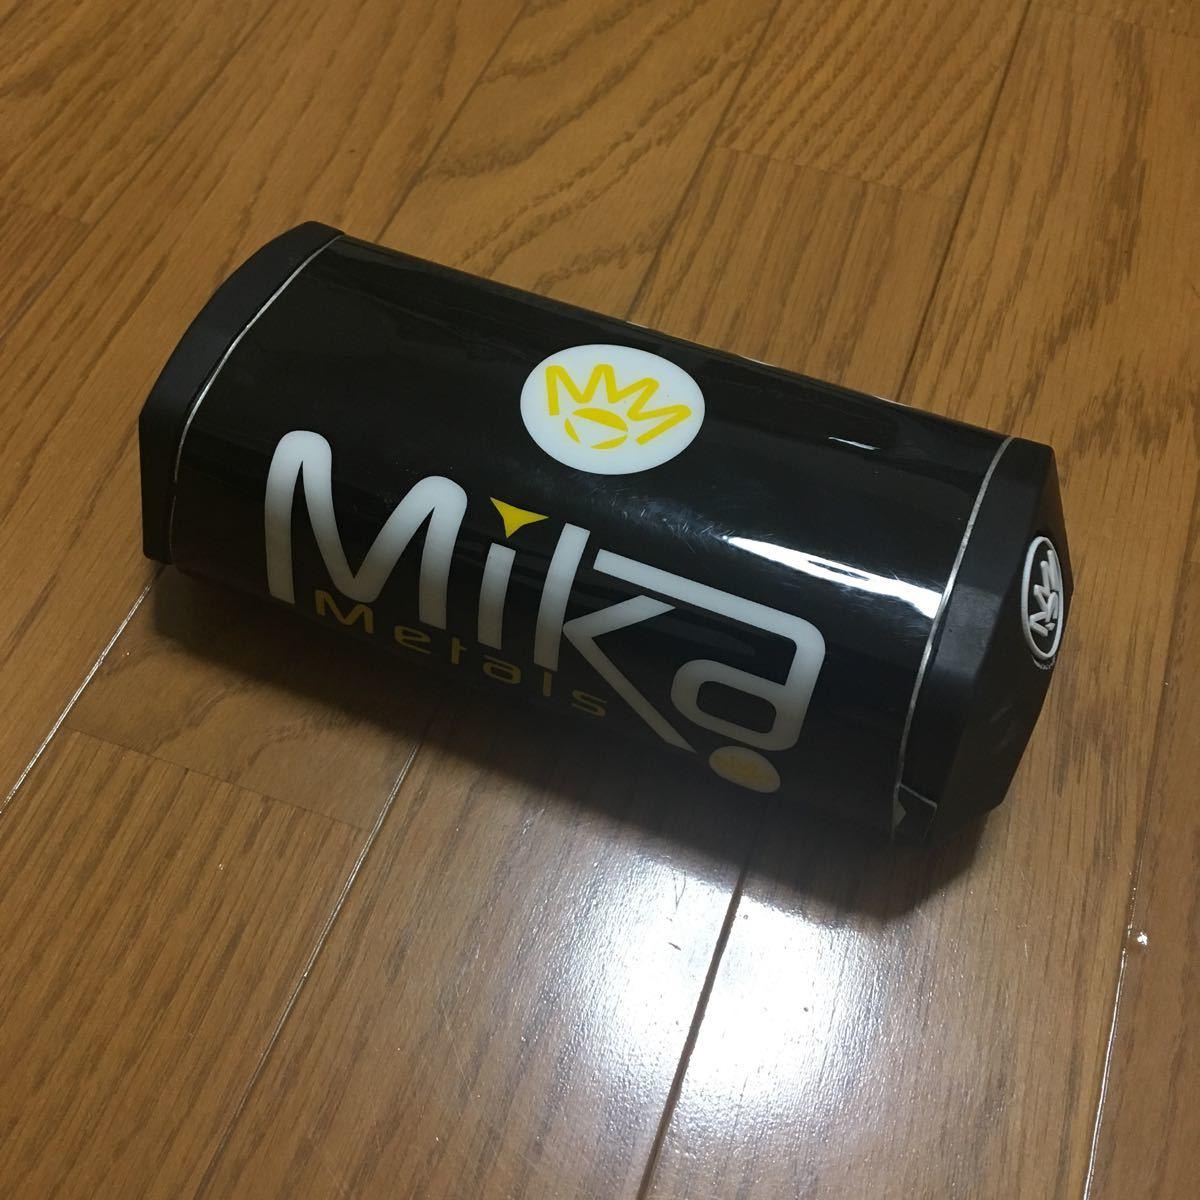 ミカメタル 28.6 YZ系 テーパーバーハンドル 検/モトクロス/モタード/CRF/RM-Z/WR/KX/250/450/レンサル/ZETA_画像5